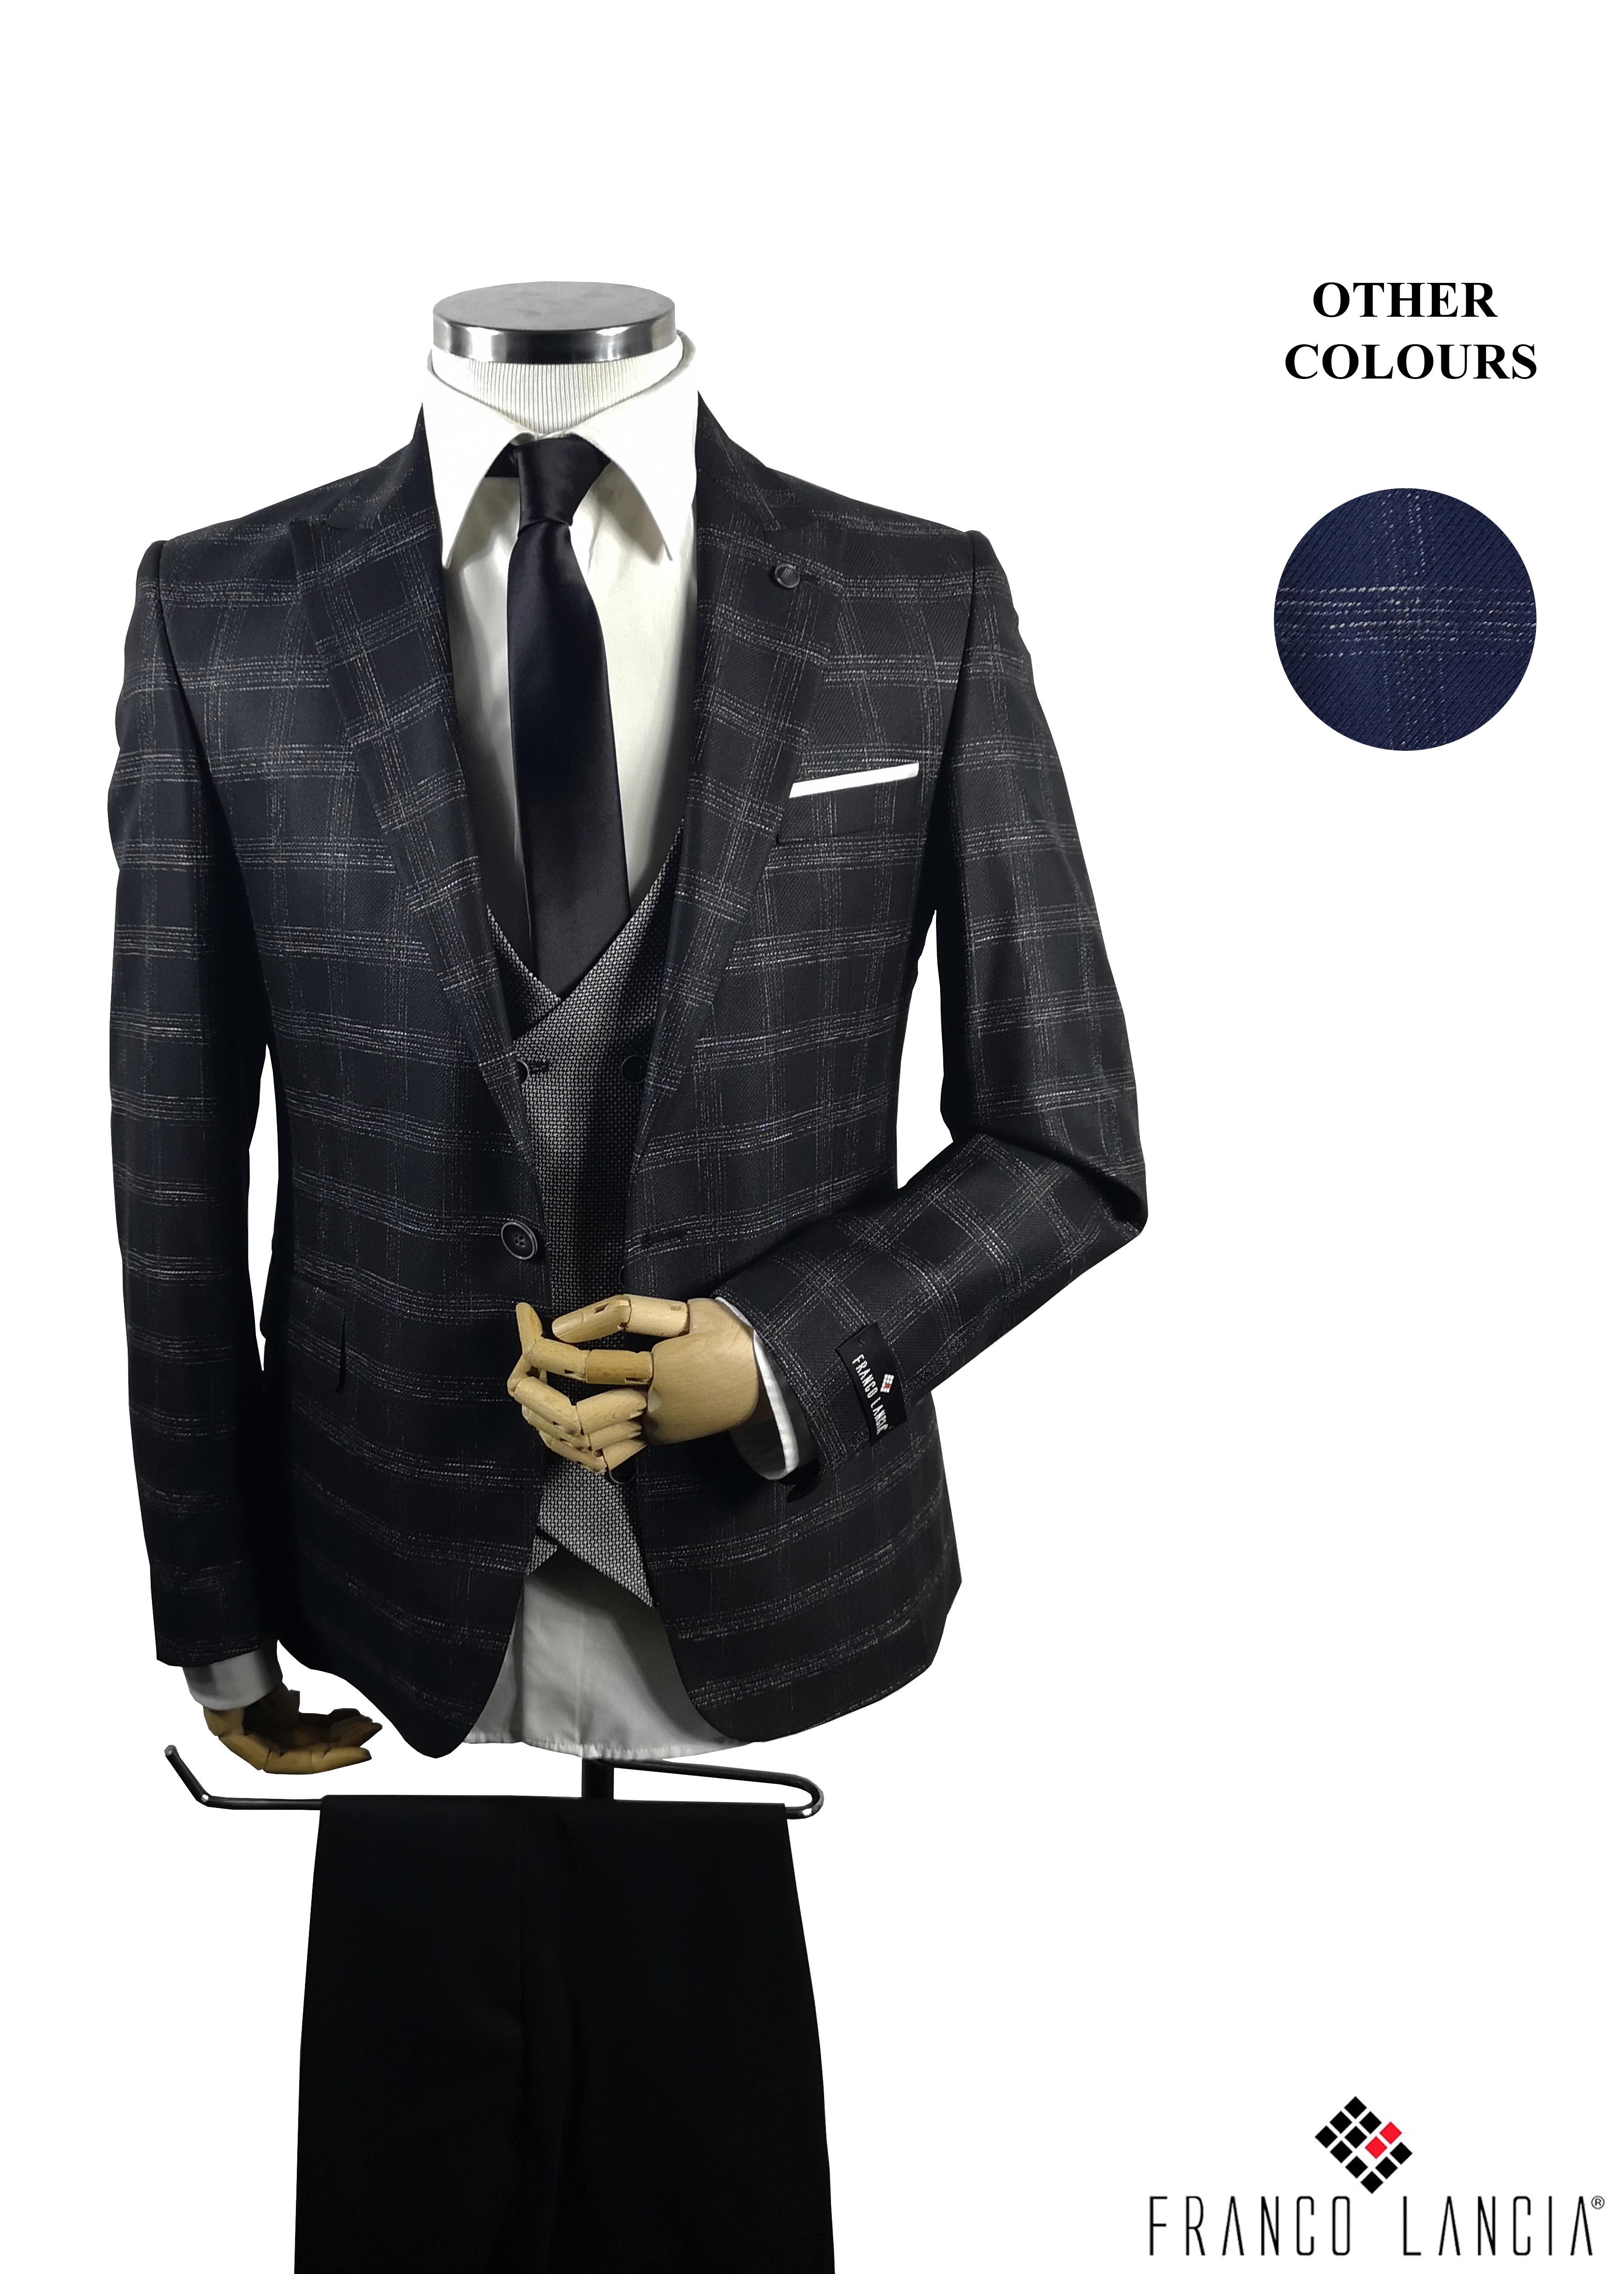 3 Piece Plaid Combin Suit Model and Color